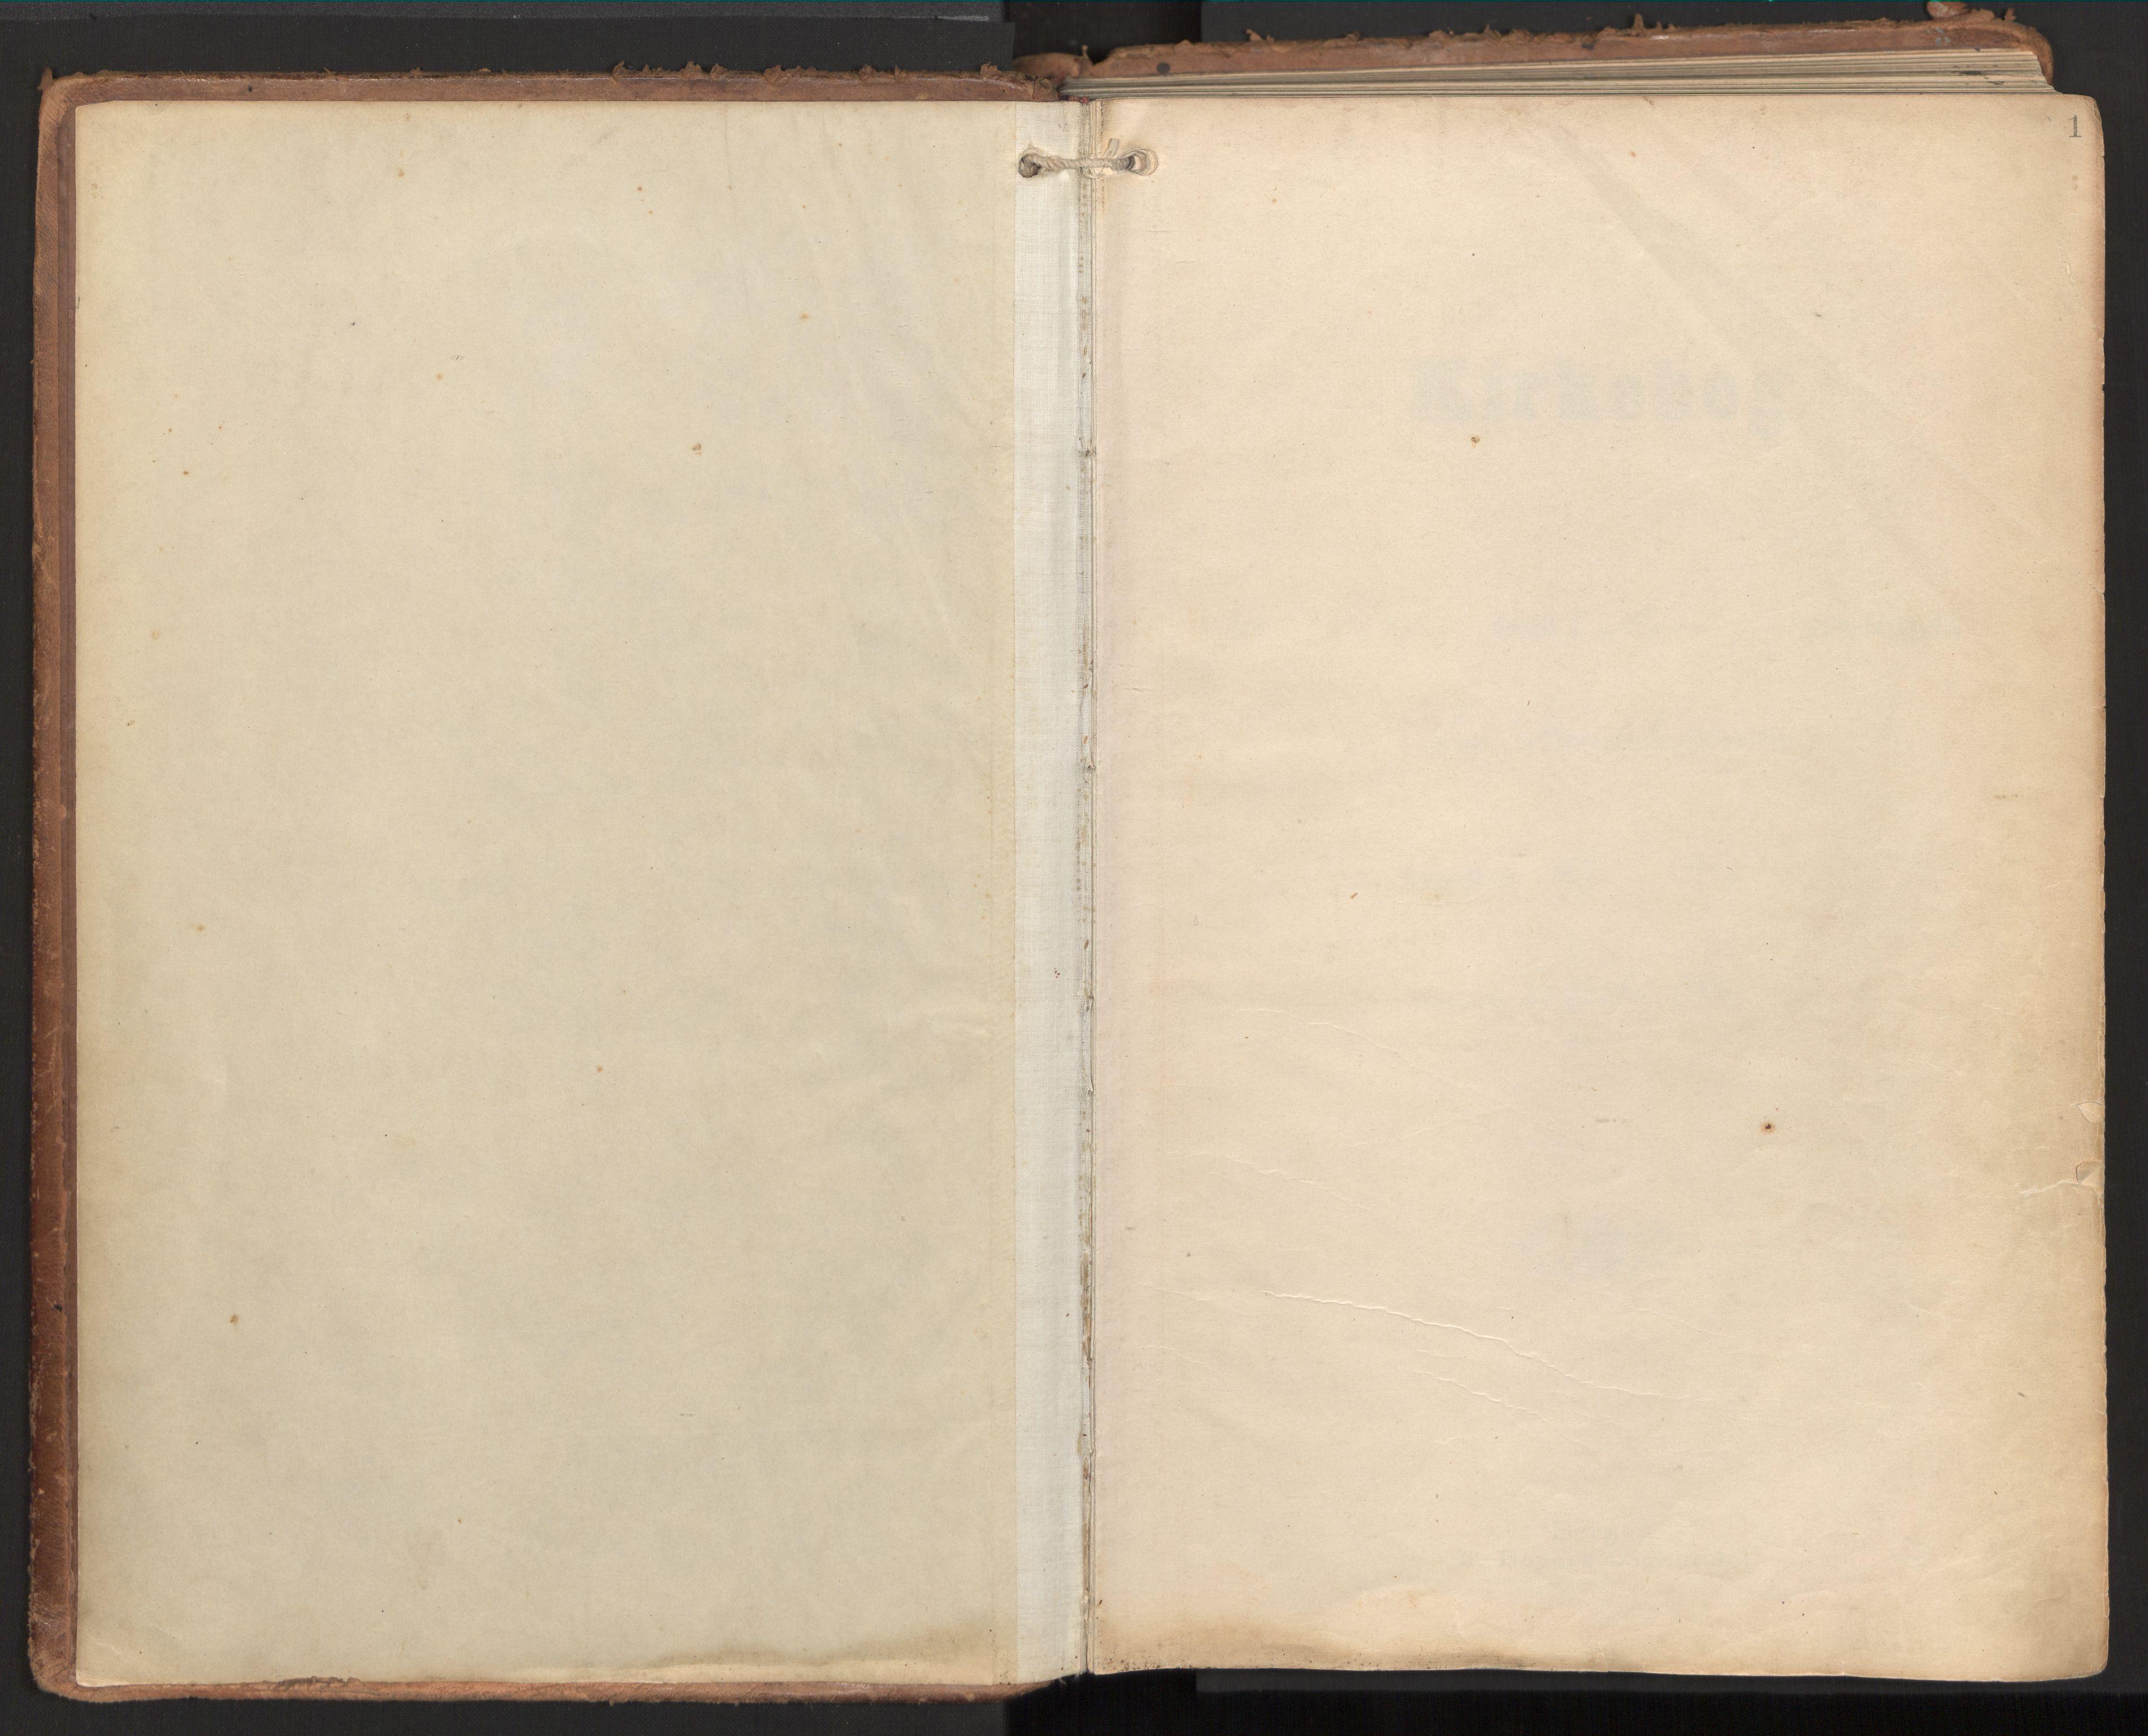 SAT, Ministerialprotokoller, klokkerbøker og fødselsregistre - Nord-Trøndelag, 784/L0677: Ministerialbok nr. 784A12, 1900-1920, s. 1